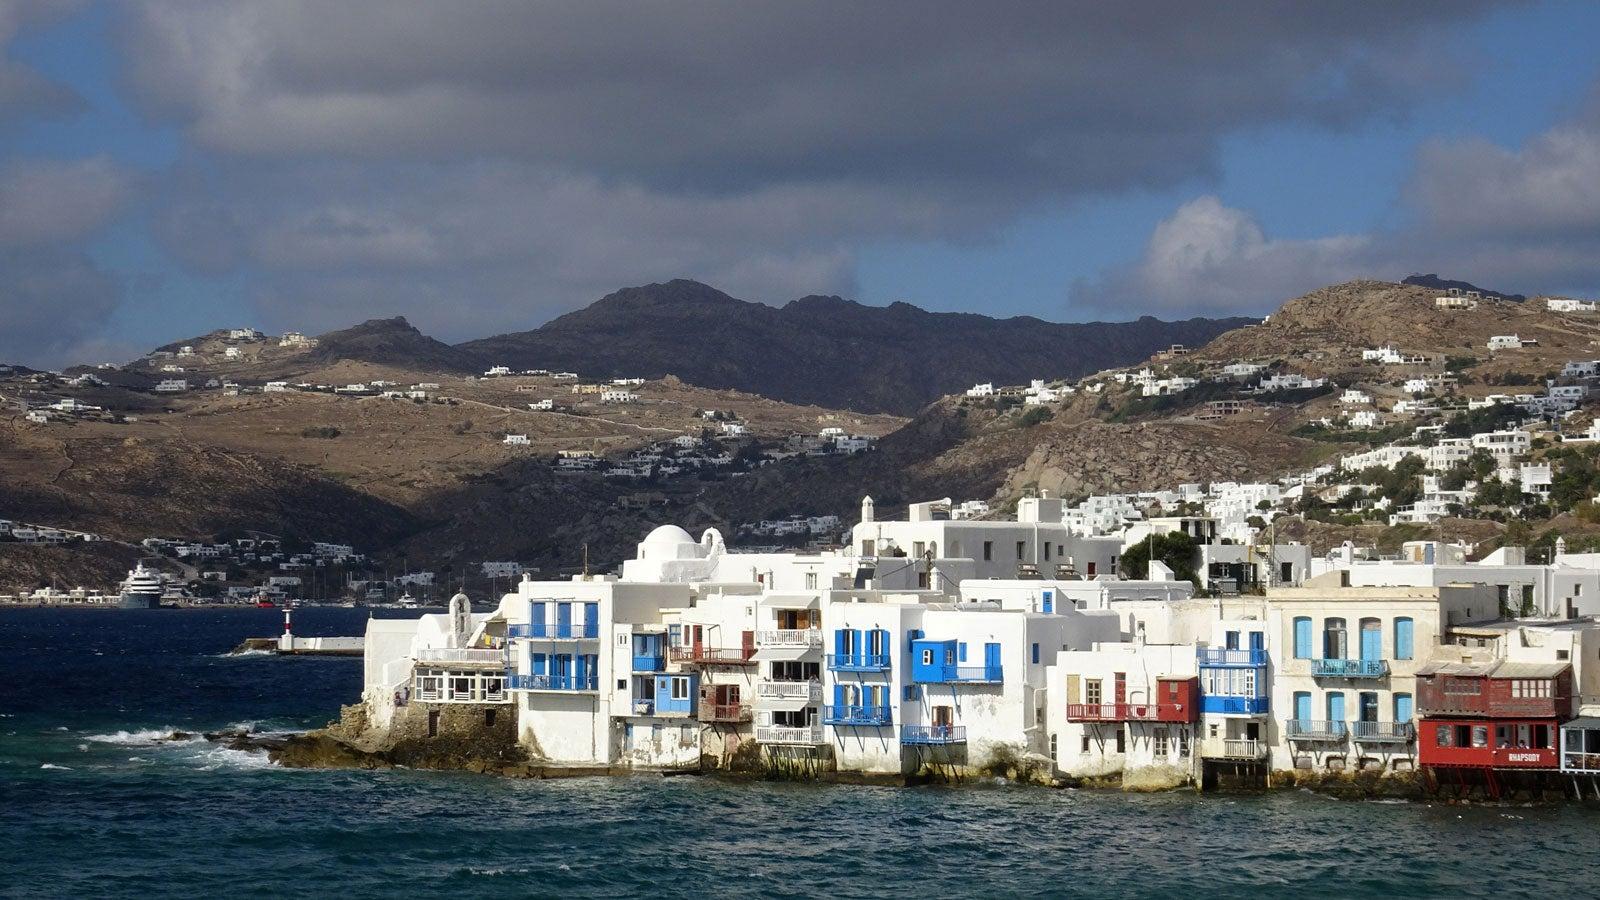 Reisen auf griechische Inseln ab Montag erlaubt - zunächst nicht für alle